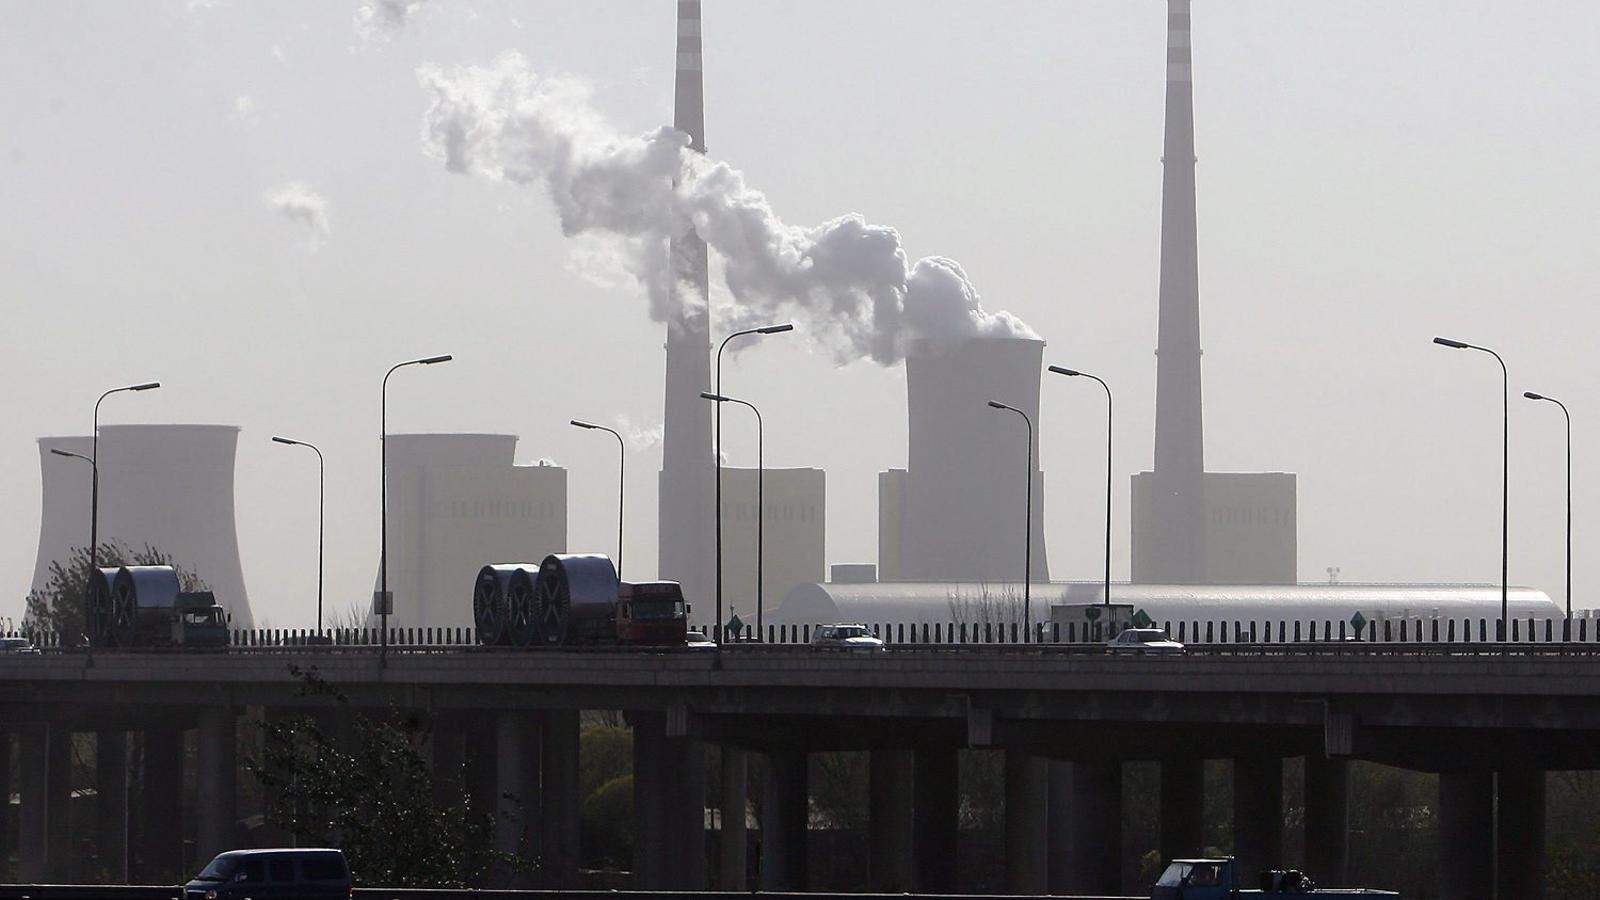 Imatge d'arxiu que mostra diversos vehicles, entre els quals dos camions, circulant pel costat d'una central elèctrica amb unes emissions evidents als afores de Pequín.